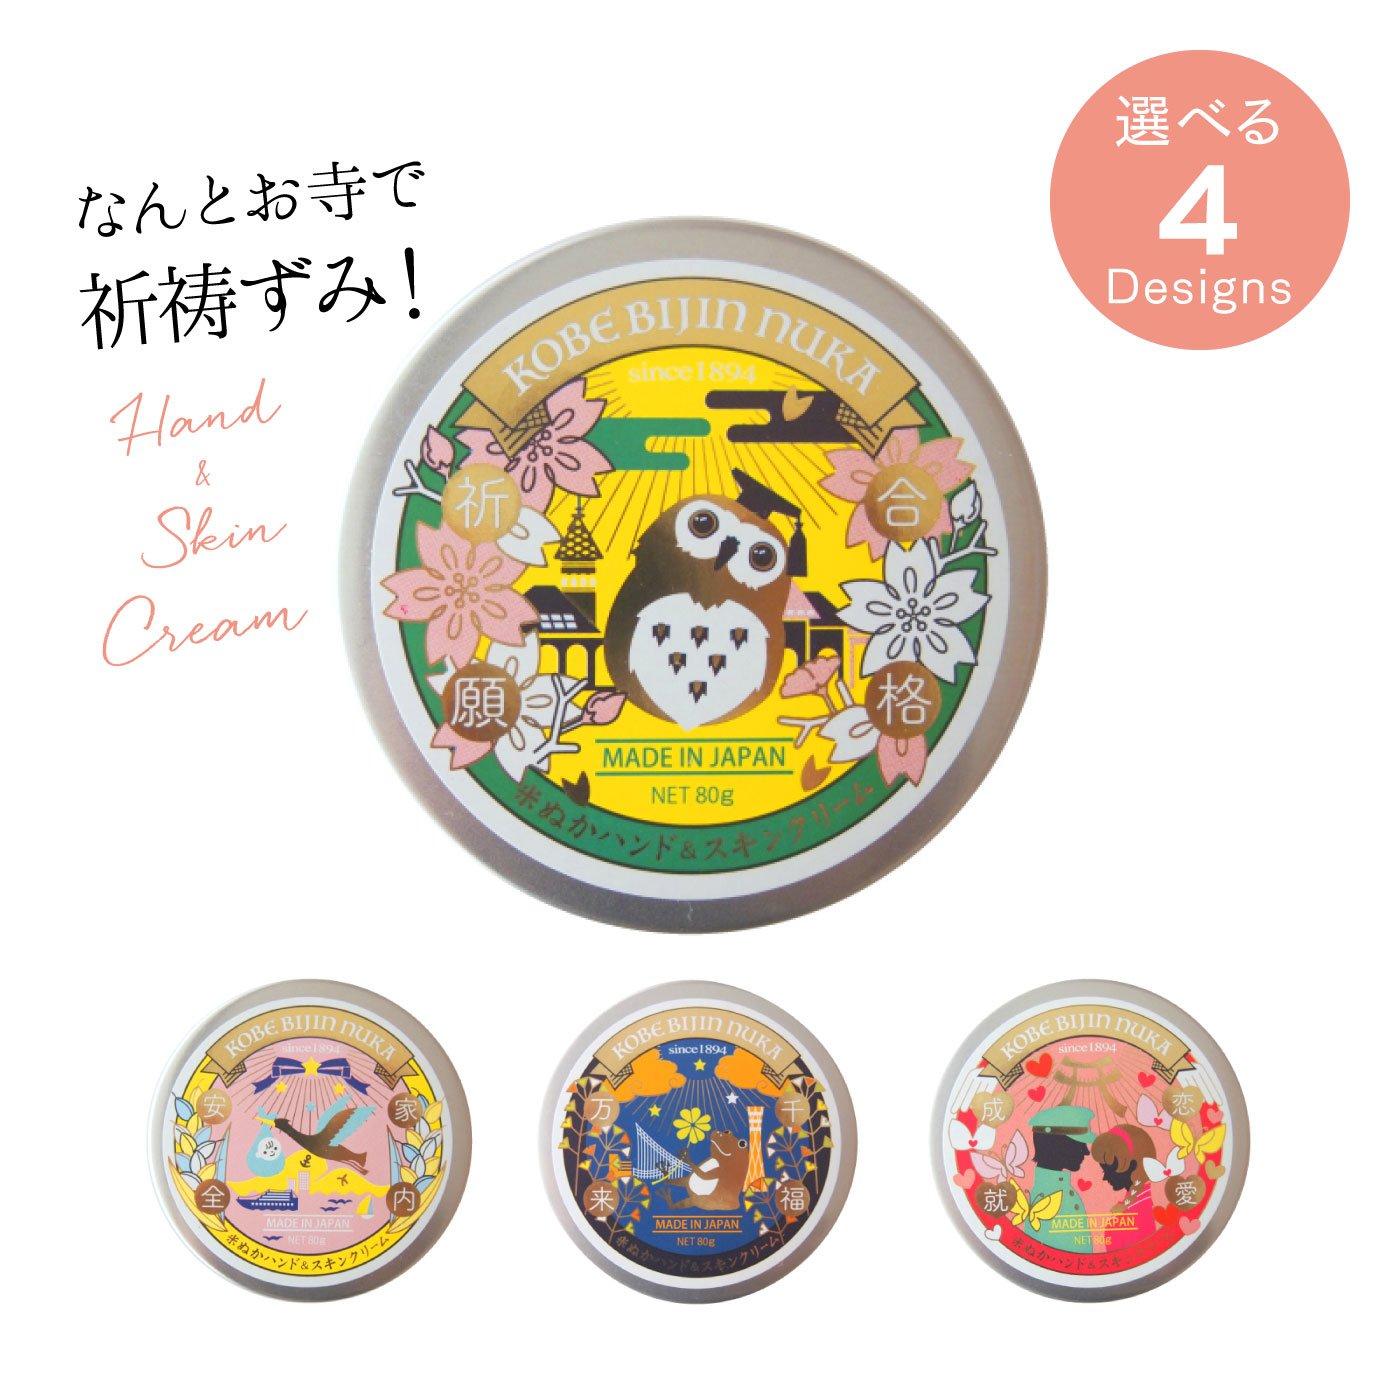 神戸美人ぬか うるおいと幸せ運ぶ ハンド&スキンクリームの会